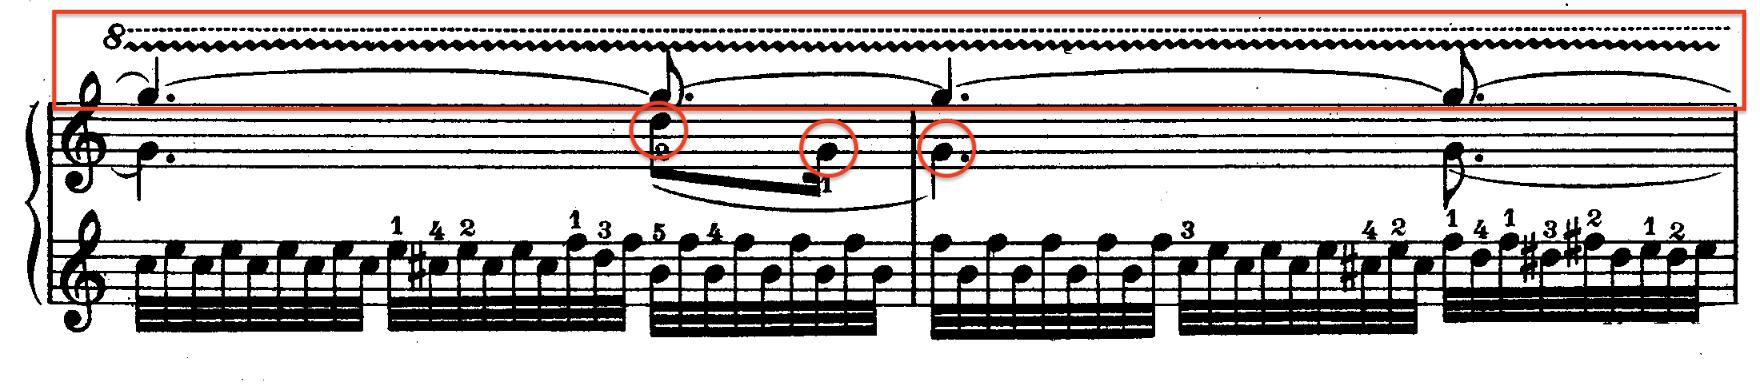 ソナタの譜面、解説付き